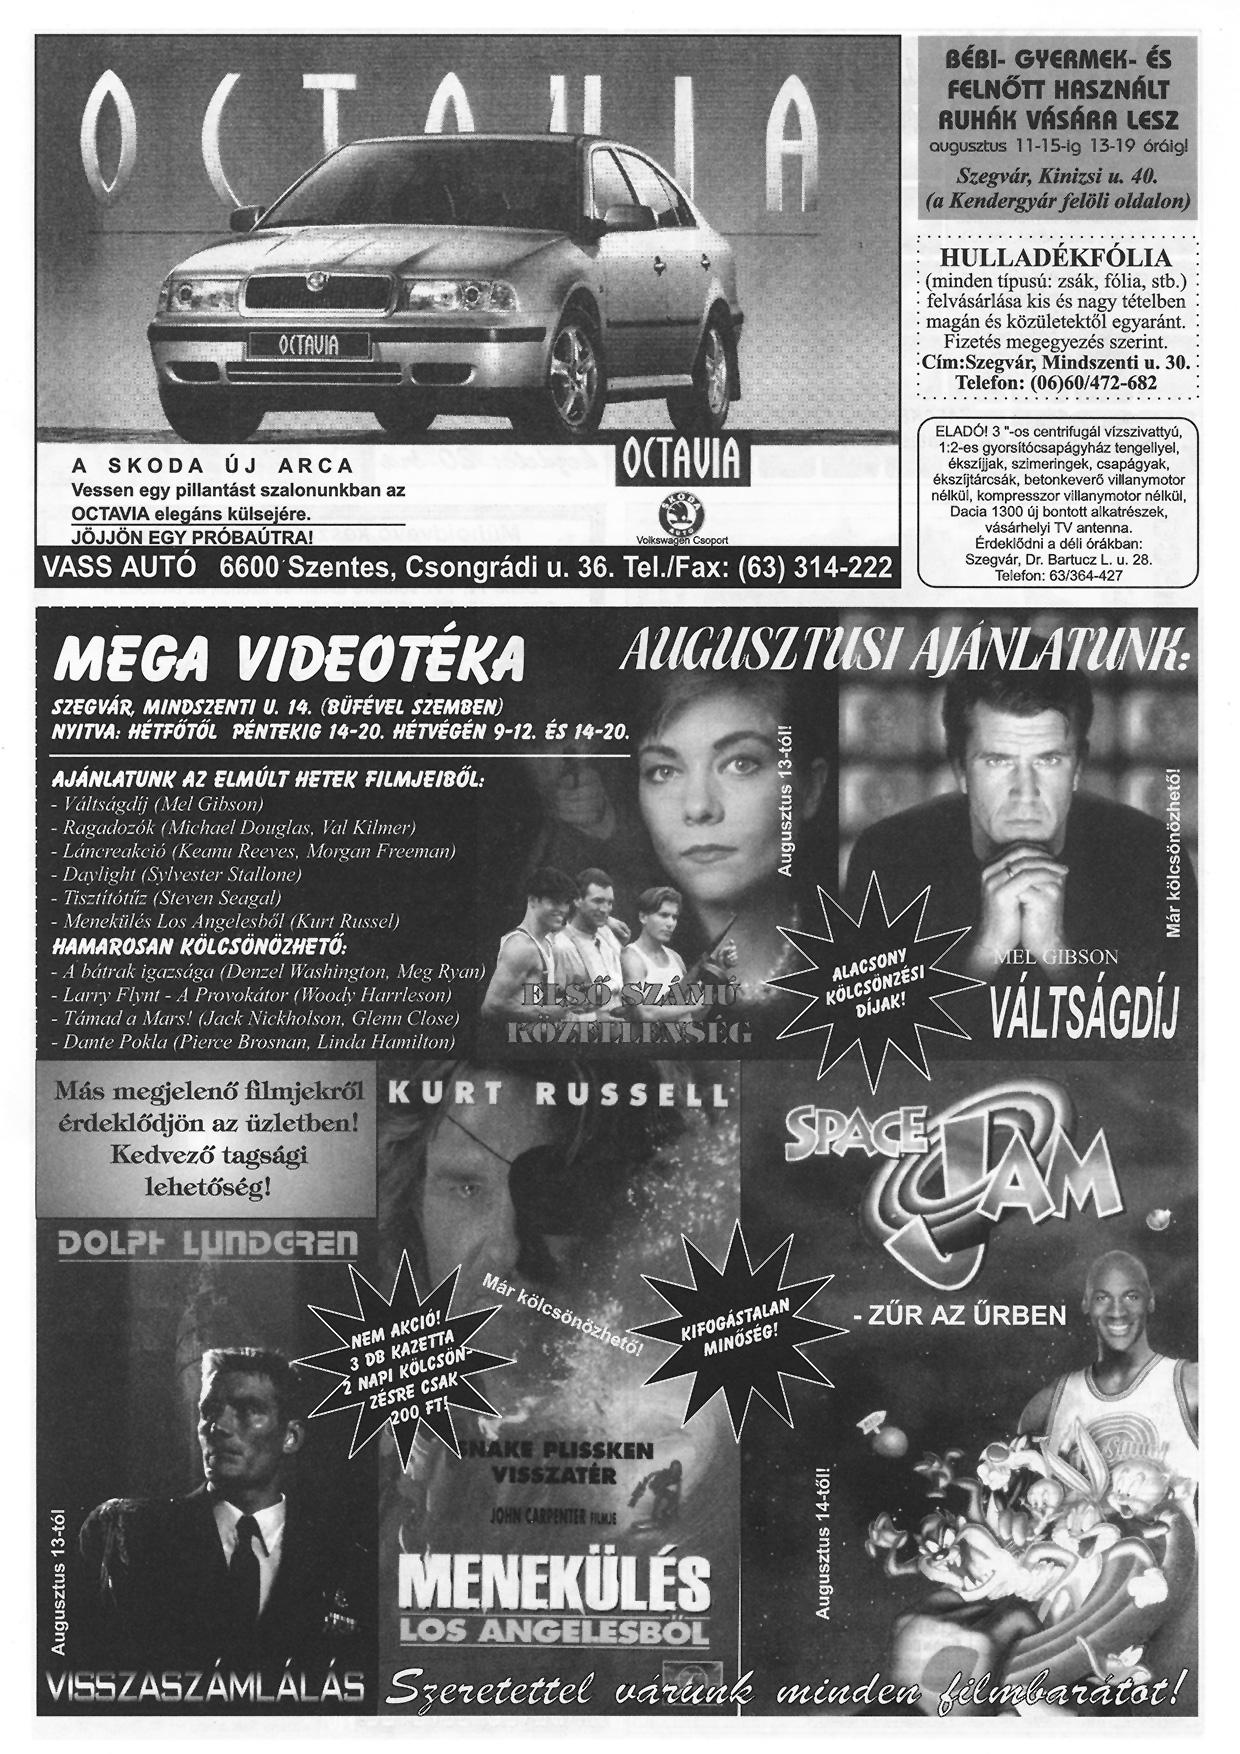 029 Tuti Tipp reklámújság - 19970809-067. lapszám - 3.oldal - III. évfolyam.jpg